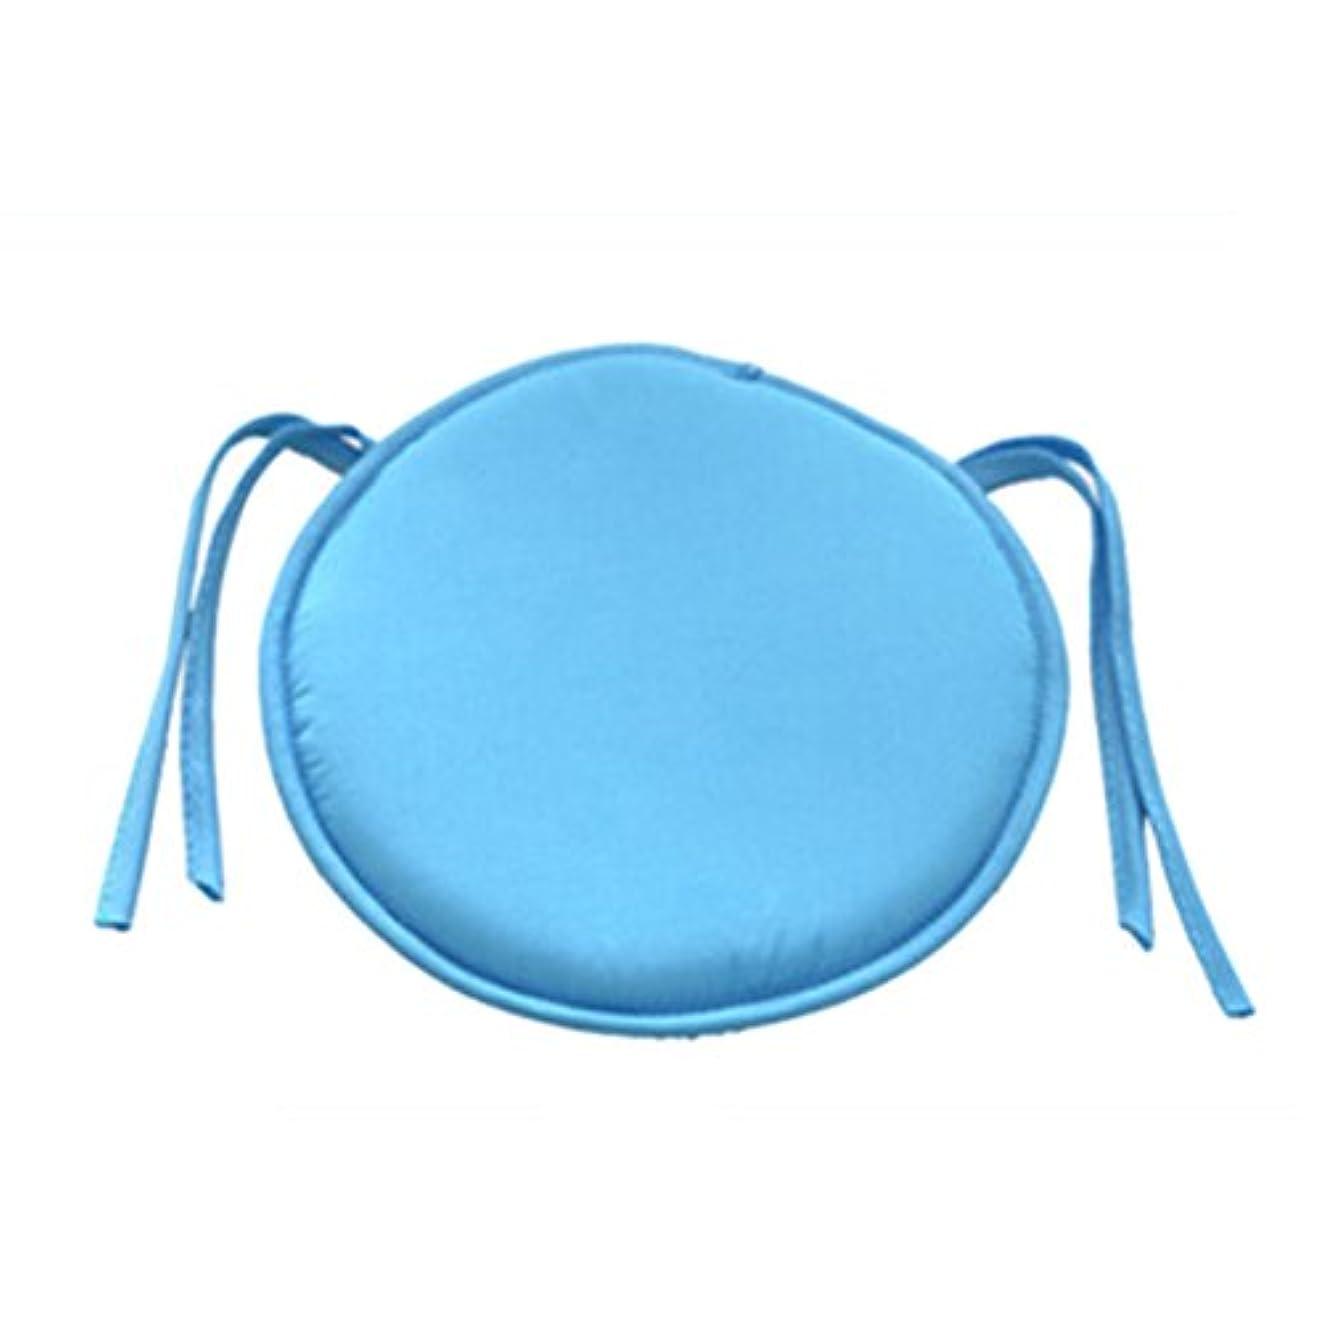 背の高い悲しいことに傷跡SMART ホット販売ラウンドチェアクッション屋内ポップパティオオフィスチェアシートパッドネクタイスクエアガーデンキッチンダイニングクッション クッション 椅子